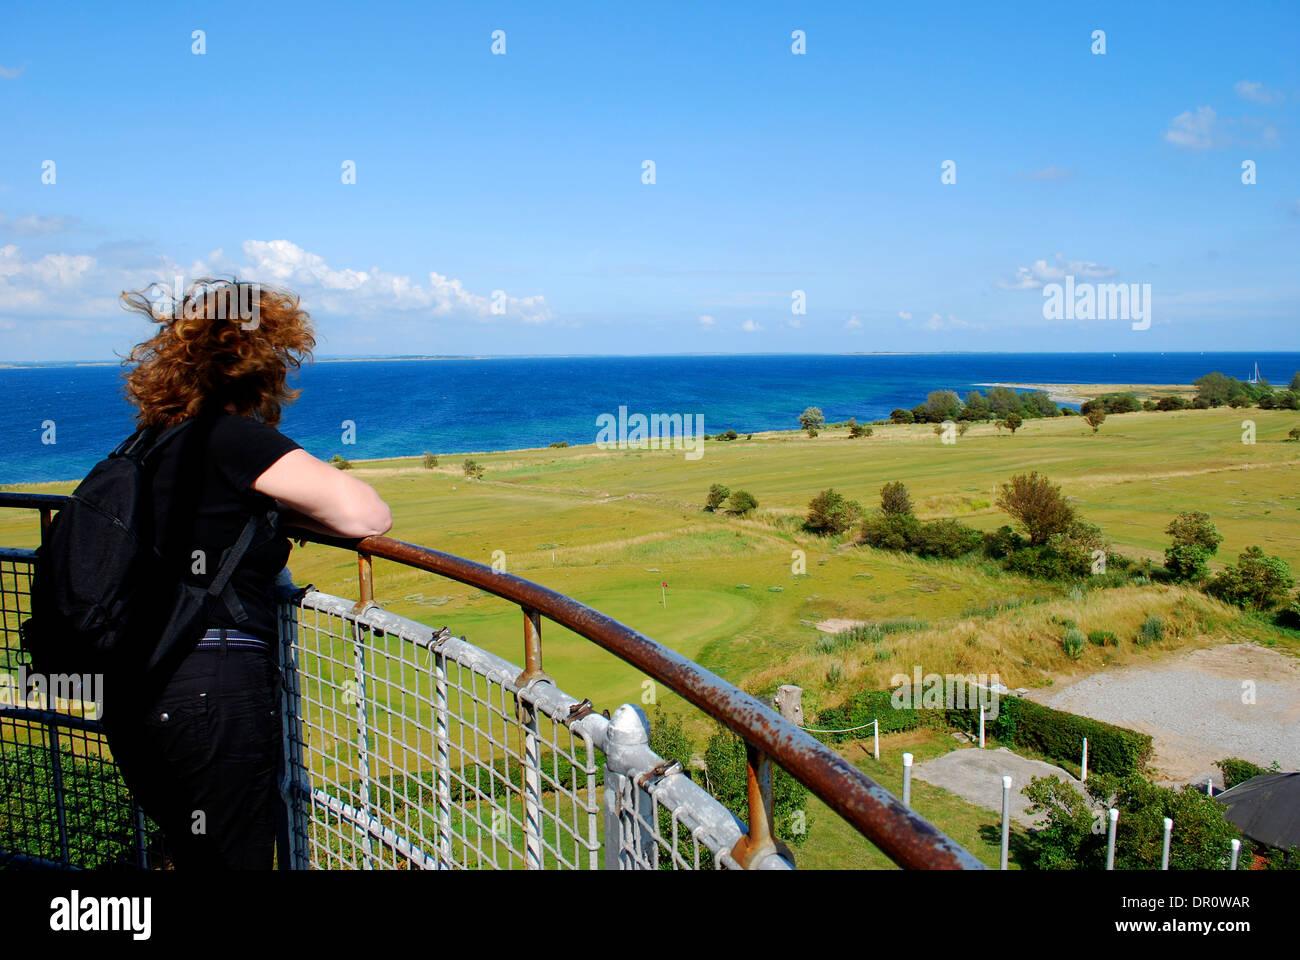 Aero, view from  Skjoldnaes lighthouse, fyn, Denmark, Scandinavia - Stock Image